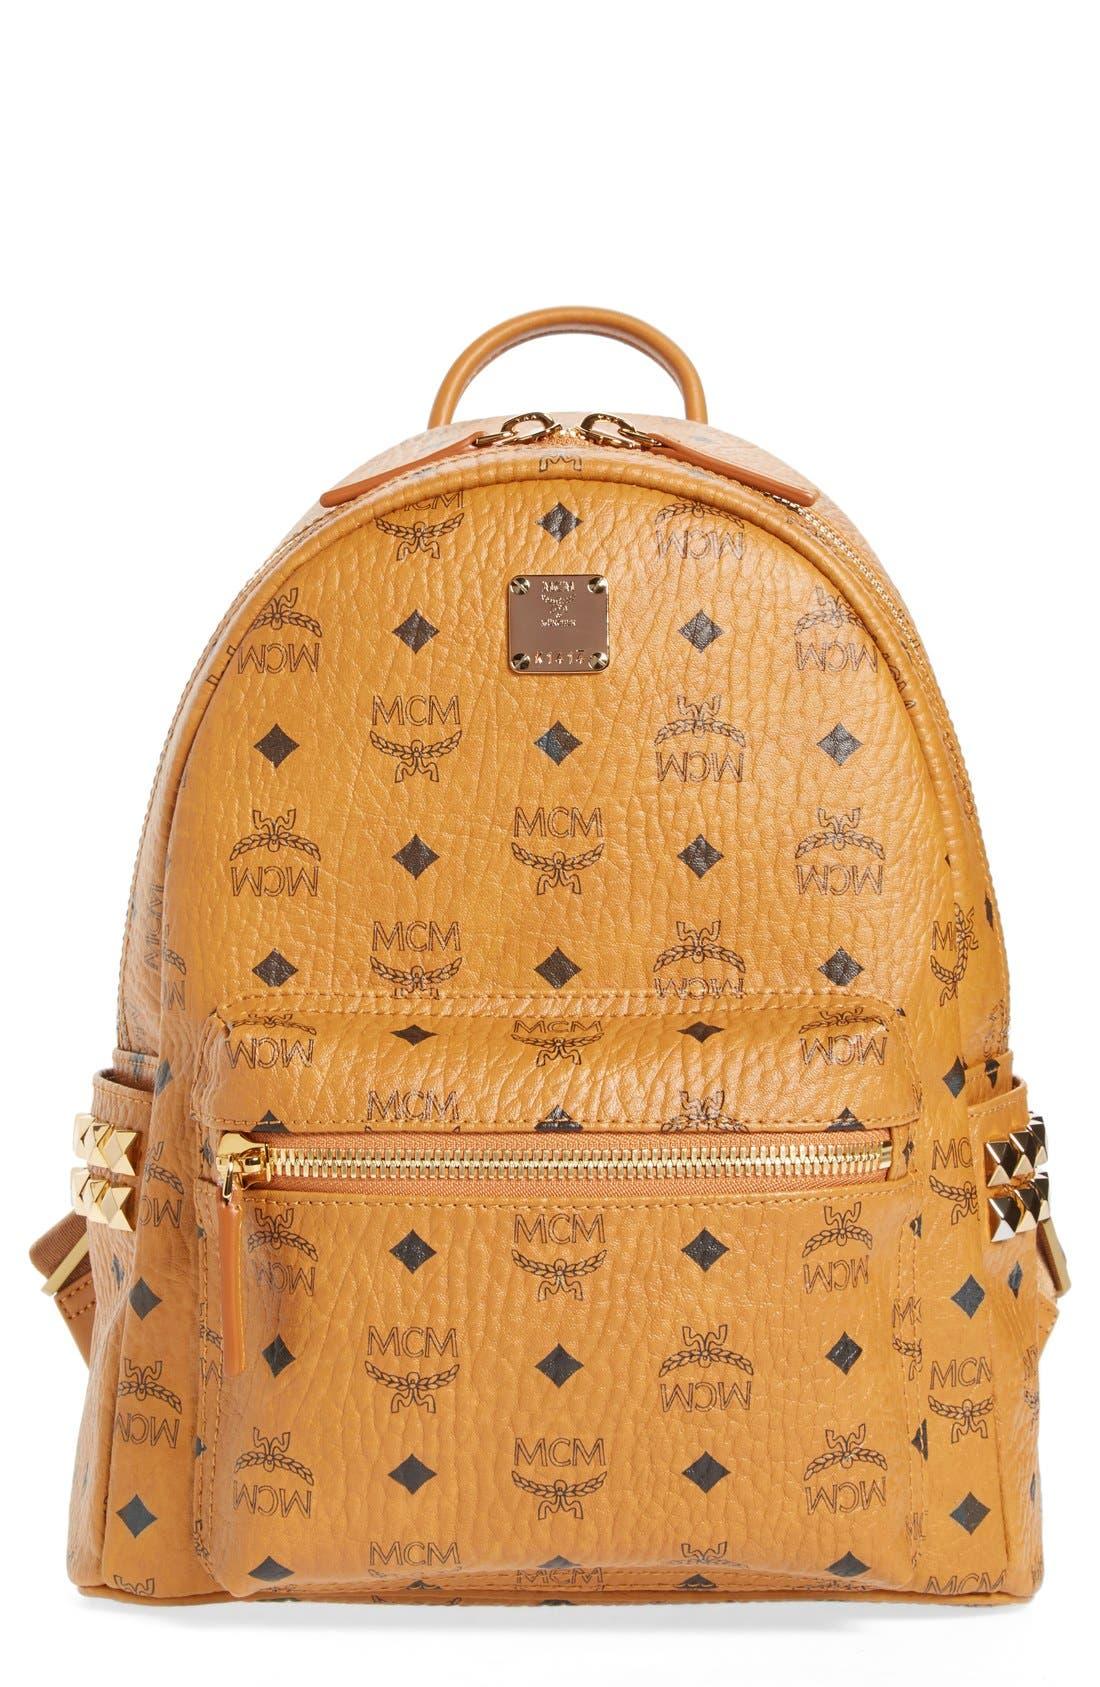 MCM Small Stark Side Stud Backpack - Brown in Cognac